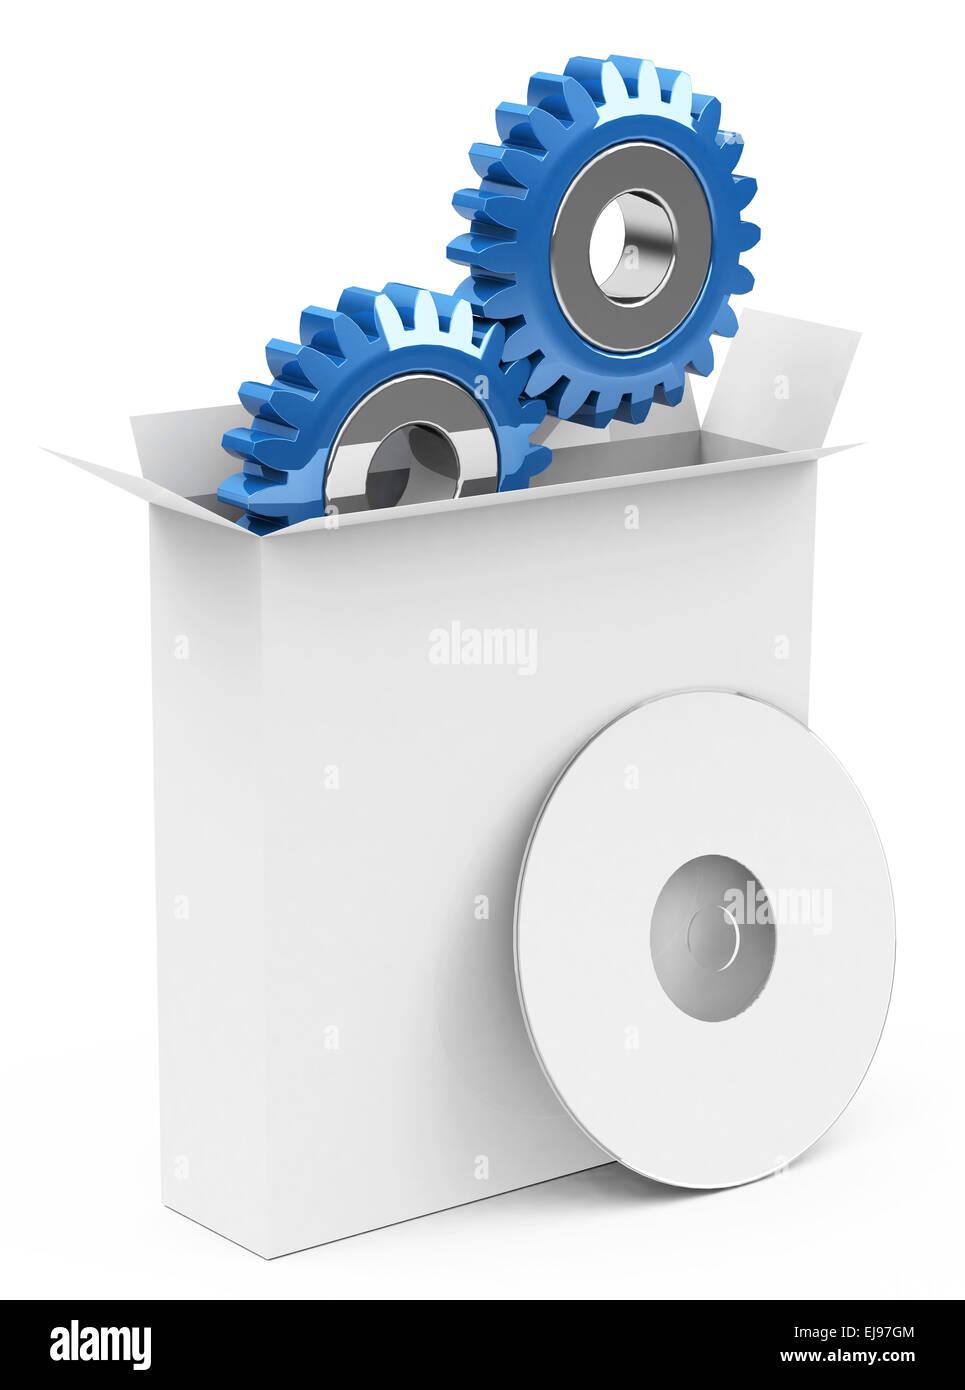 La caja del software Imagen De Stock